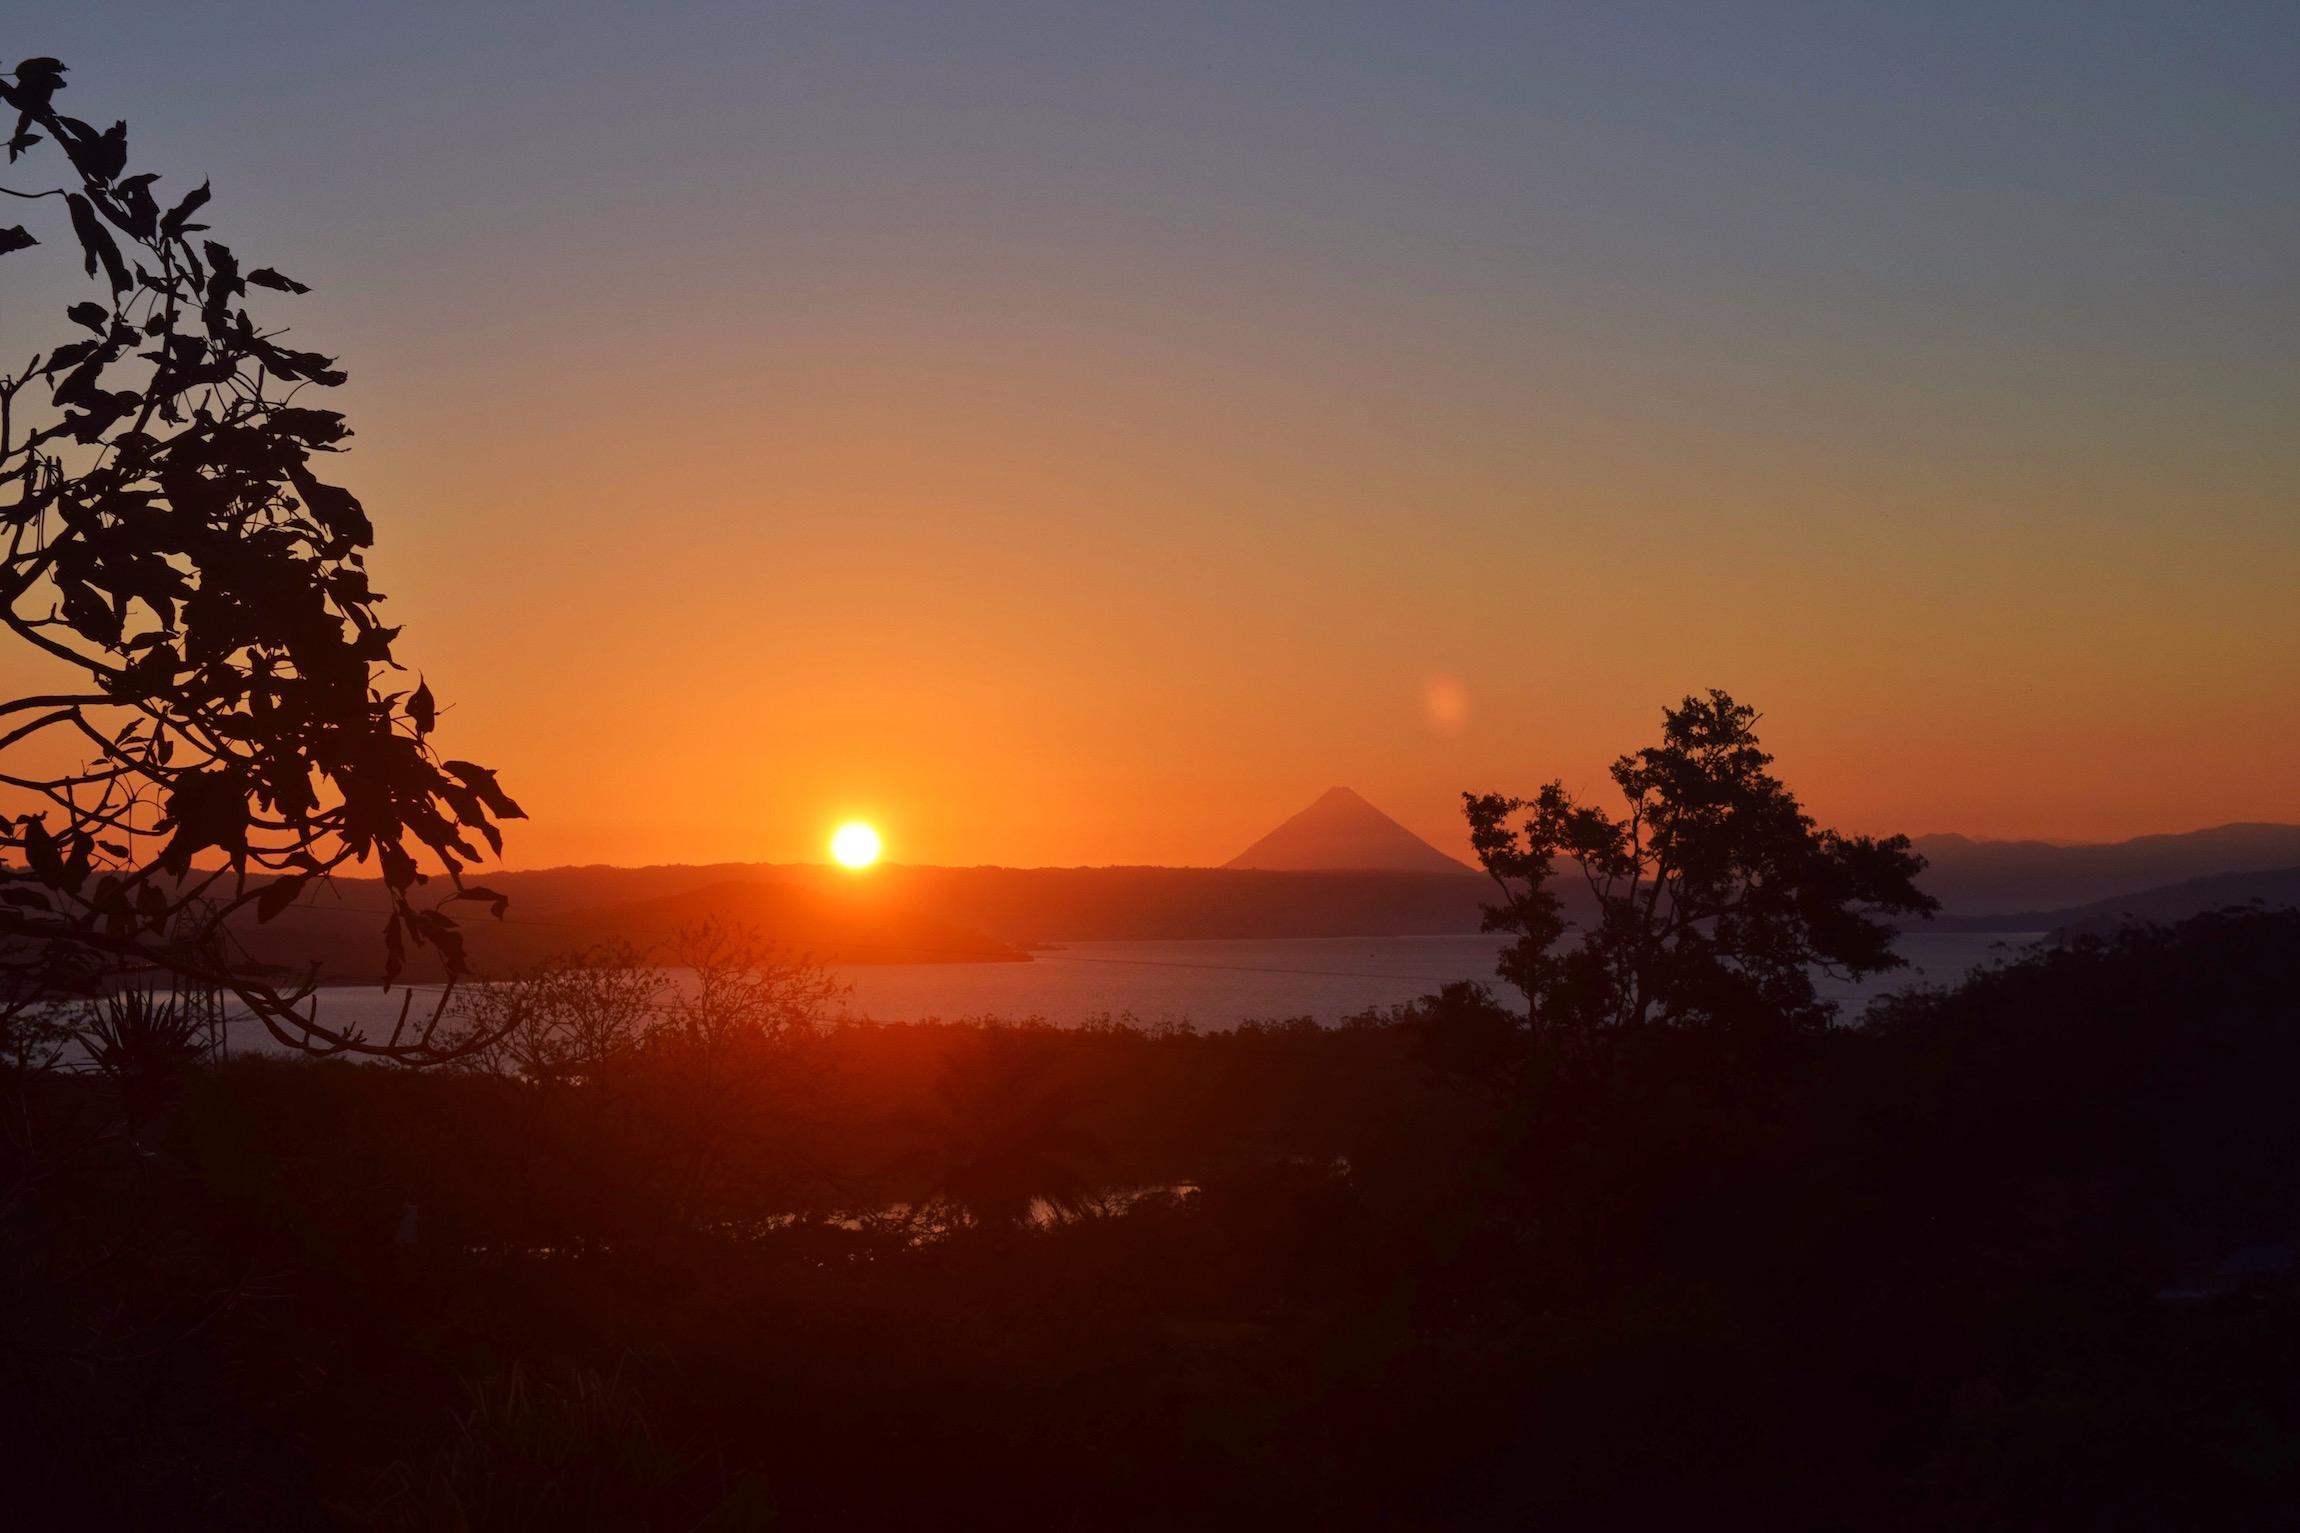 Sunrise at at Hotel Mystica Costa Rica